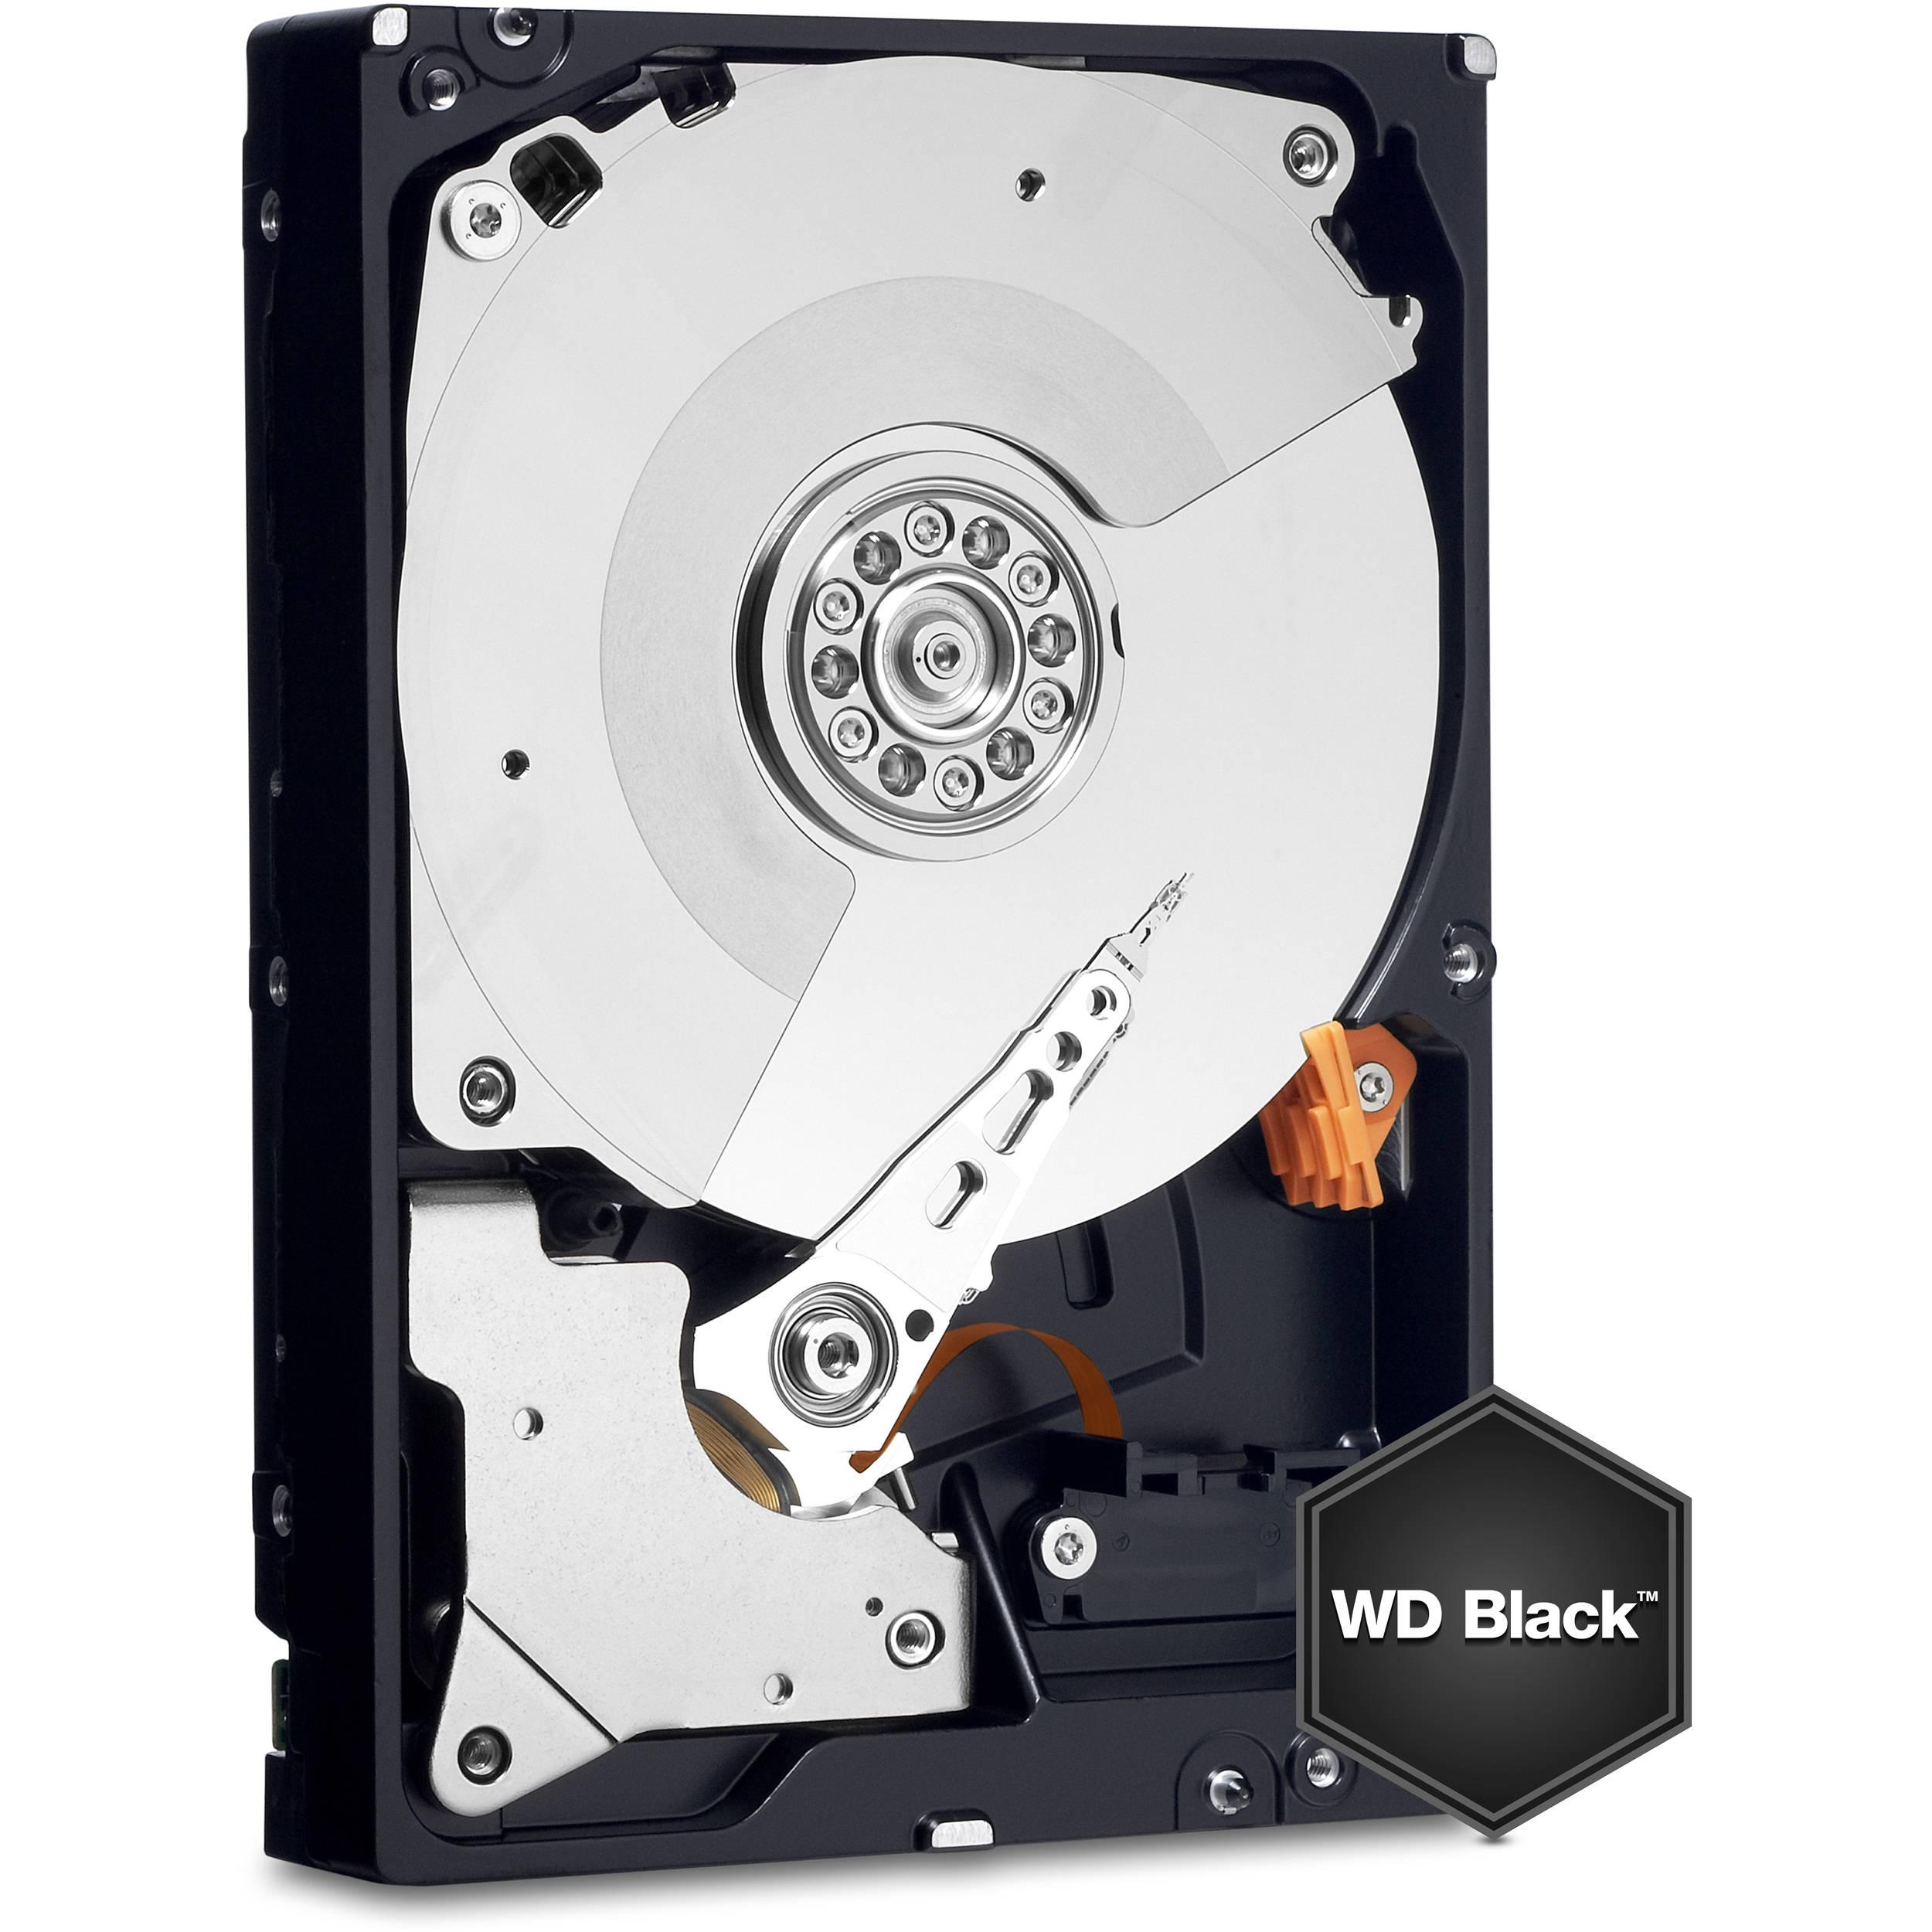 HDD 6TB WD6001FZWX Black 128MB SATAIII 7200rpm